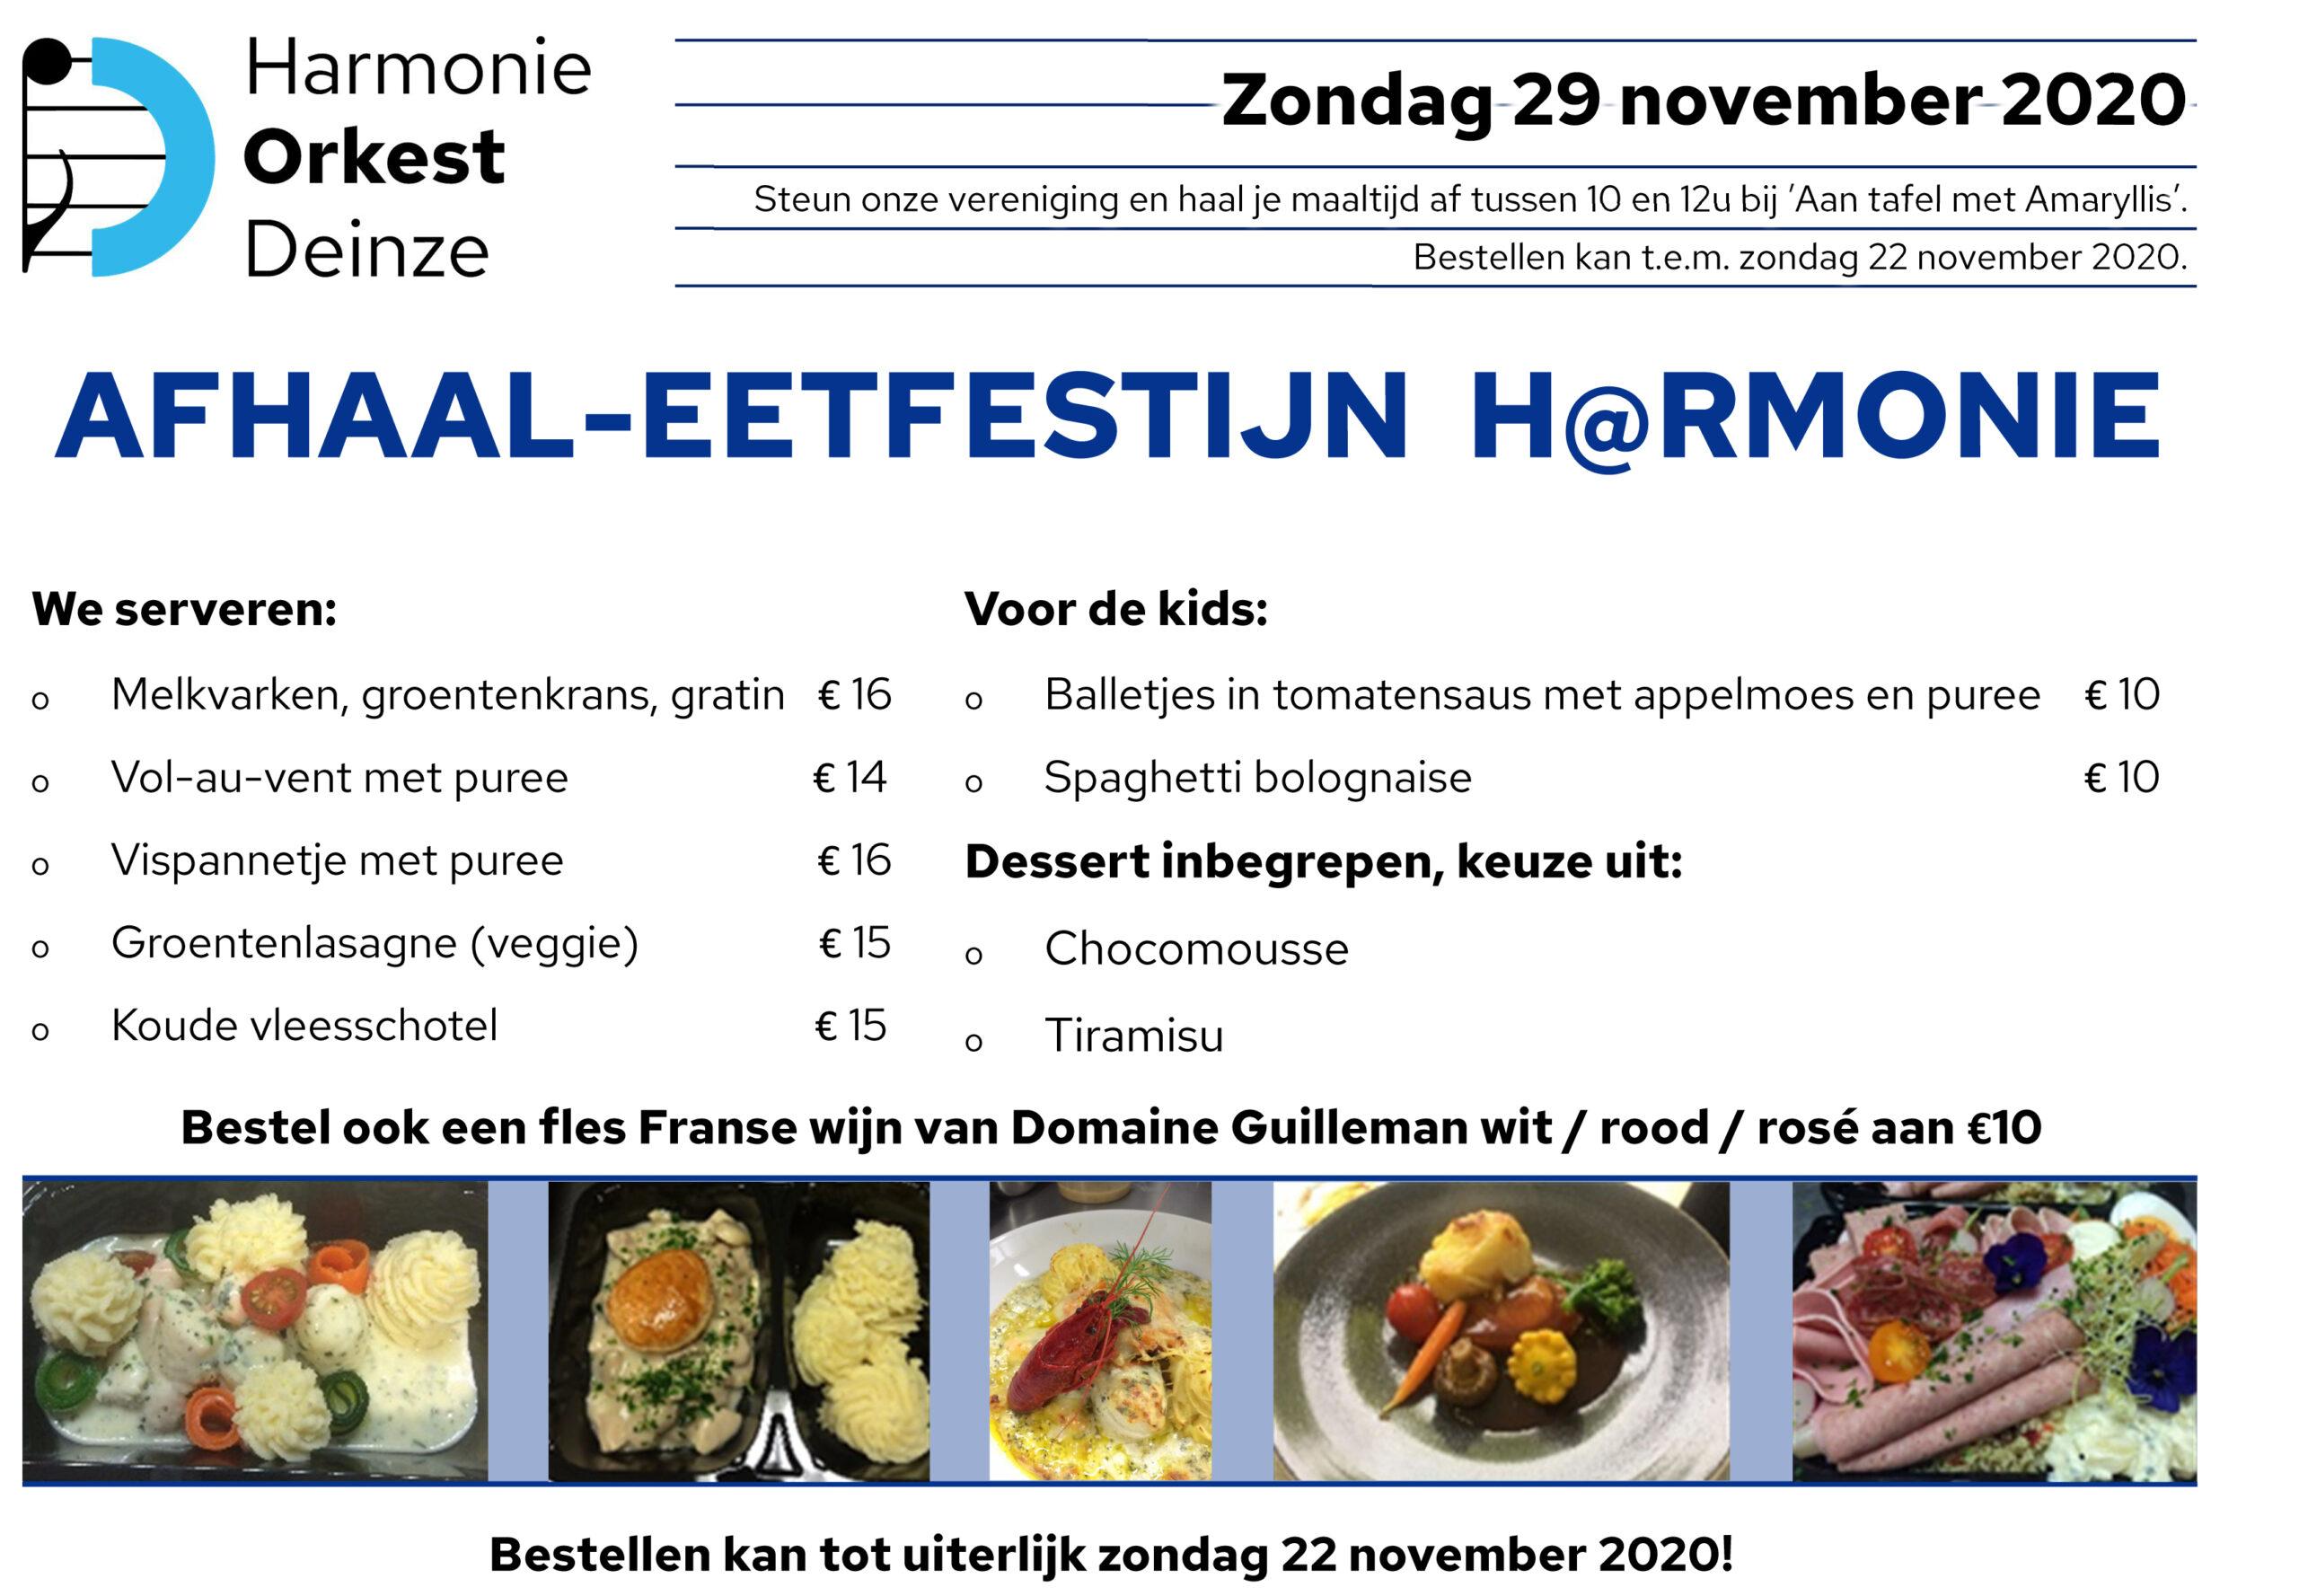 Afhaal-eetfestijn H@rmonie